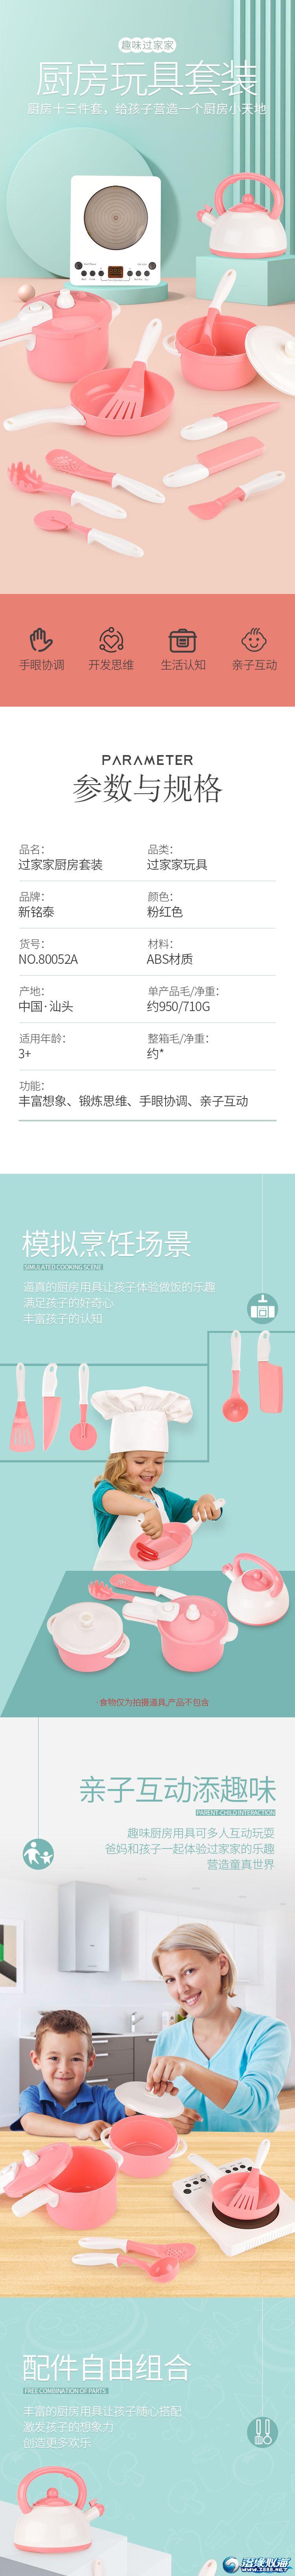 新铭泰玩具厂-(80052A)-过家家厨房套装-中文详情页_01.jpg